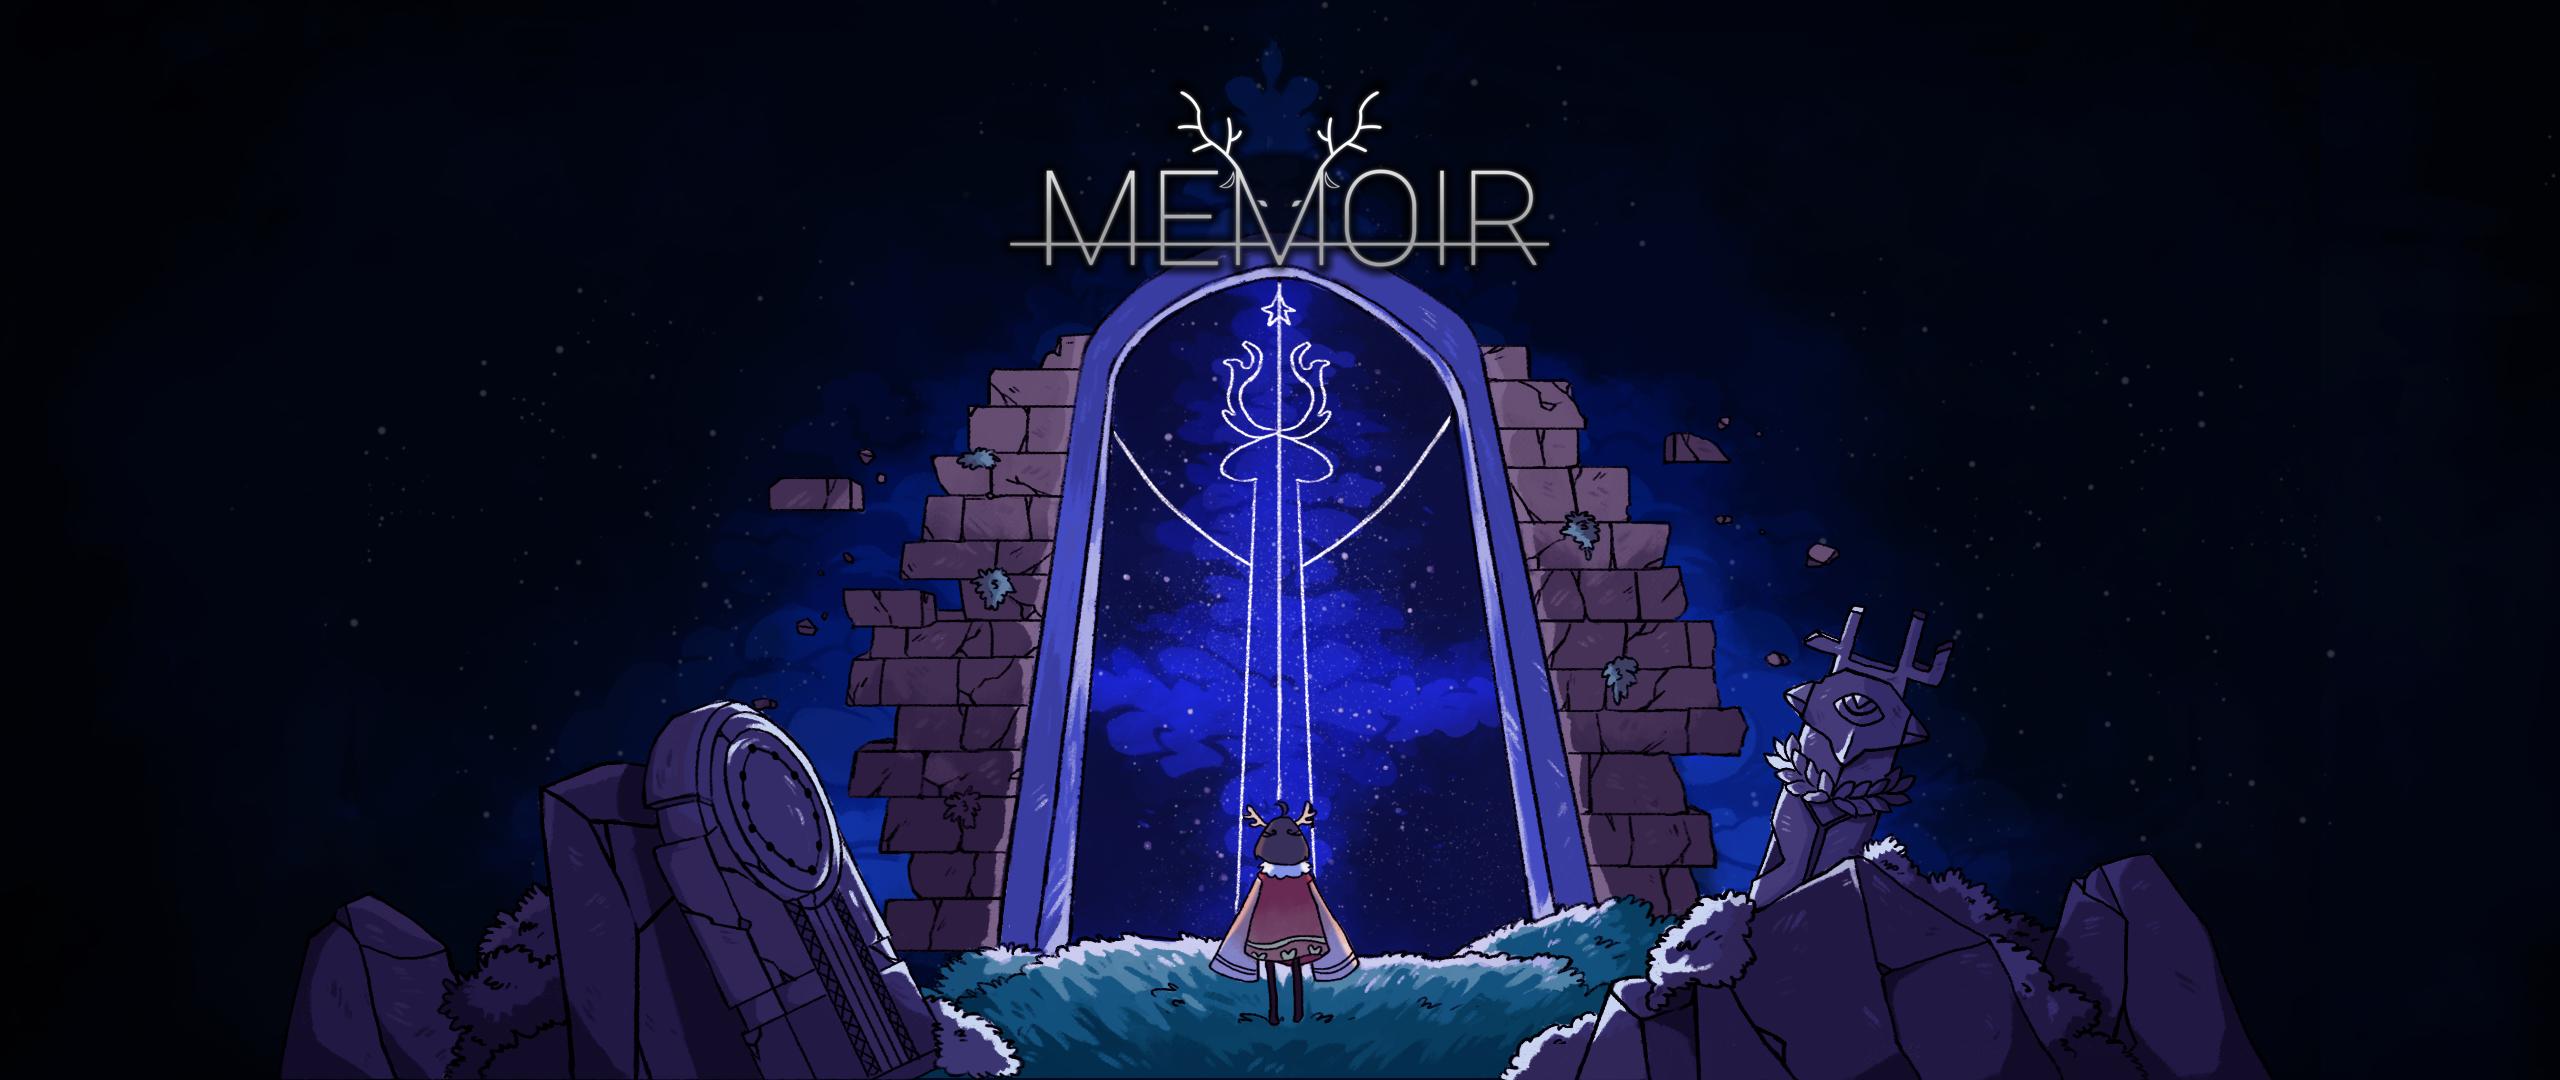 Memoir